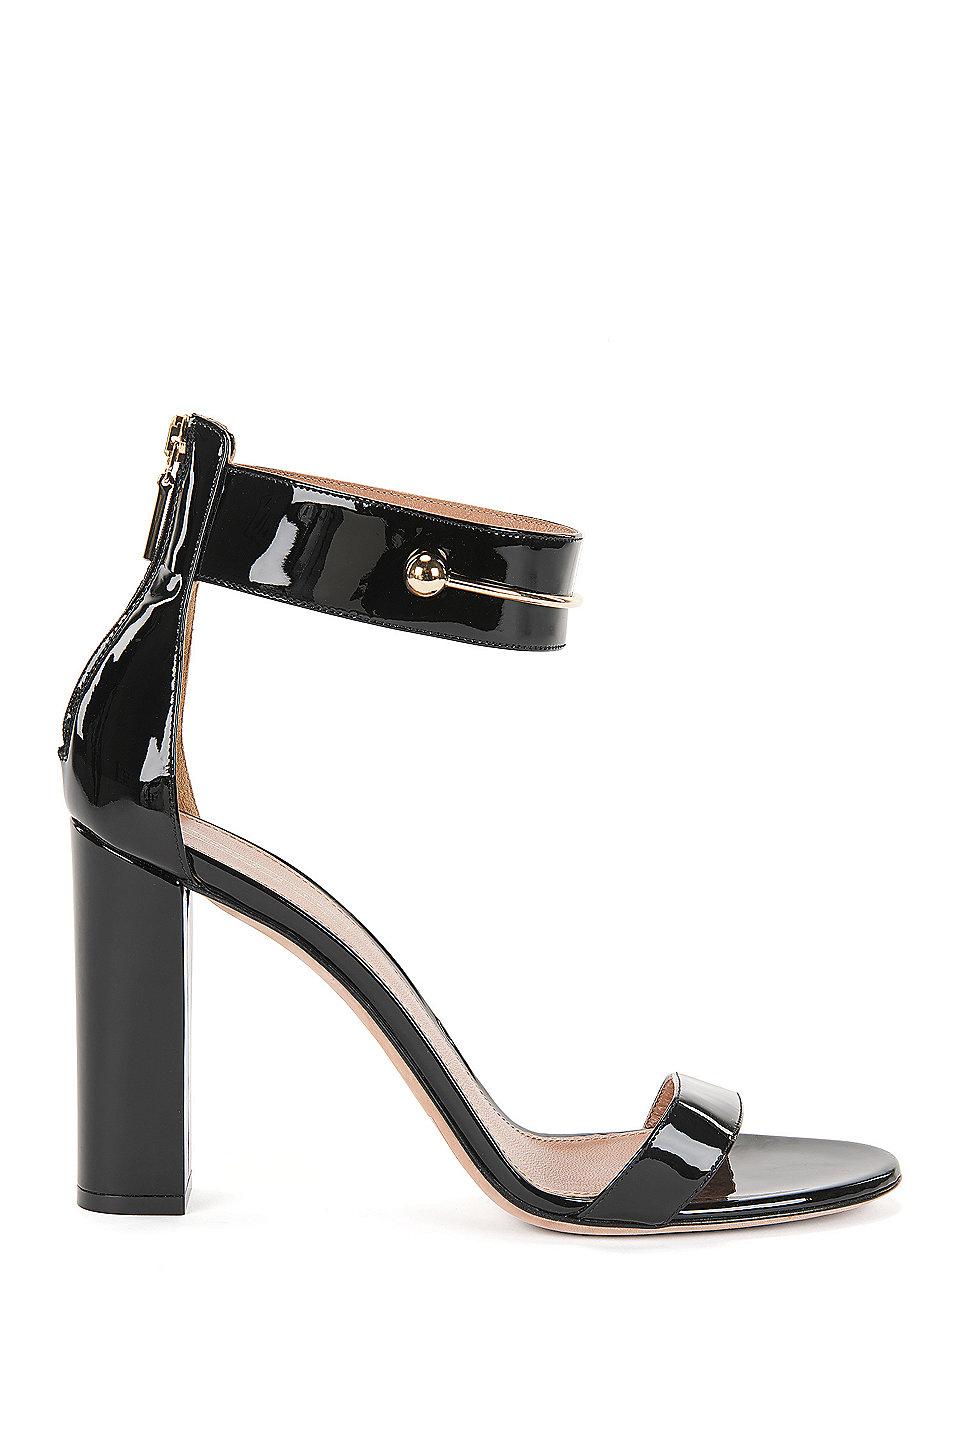 Sandalen aus Lackleder mit verziertem Fesselriemen vEDg48